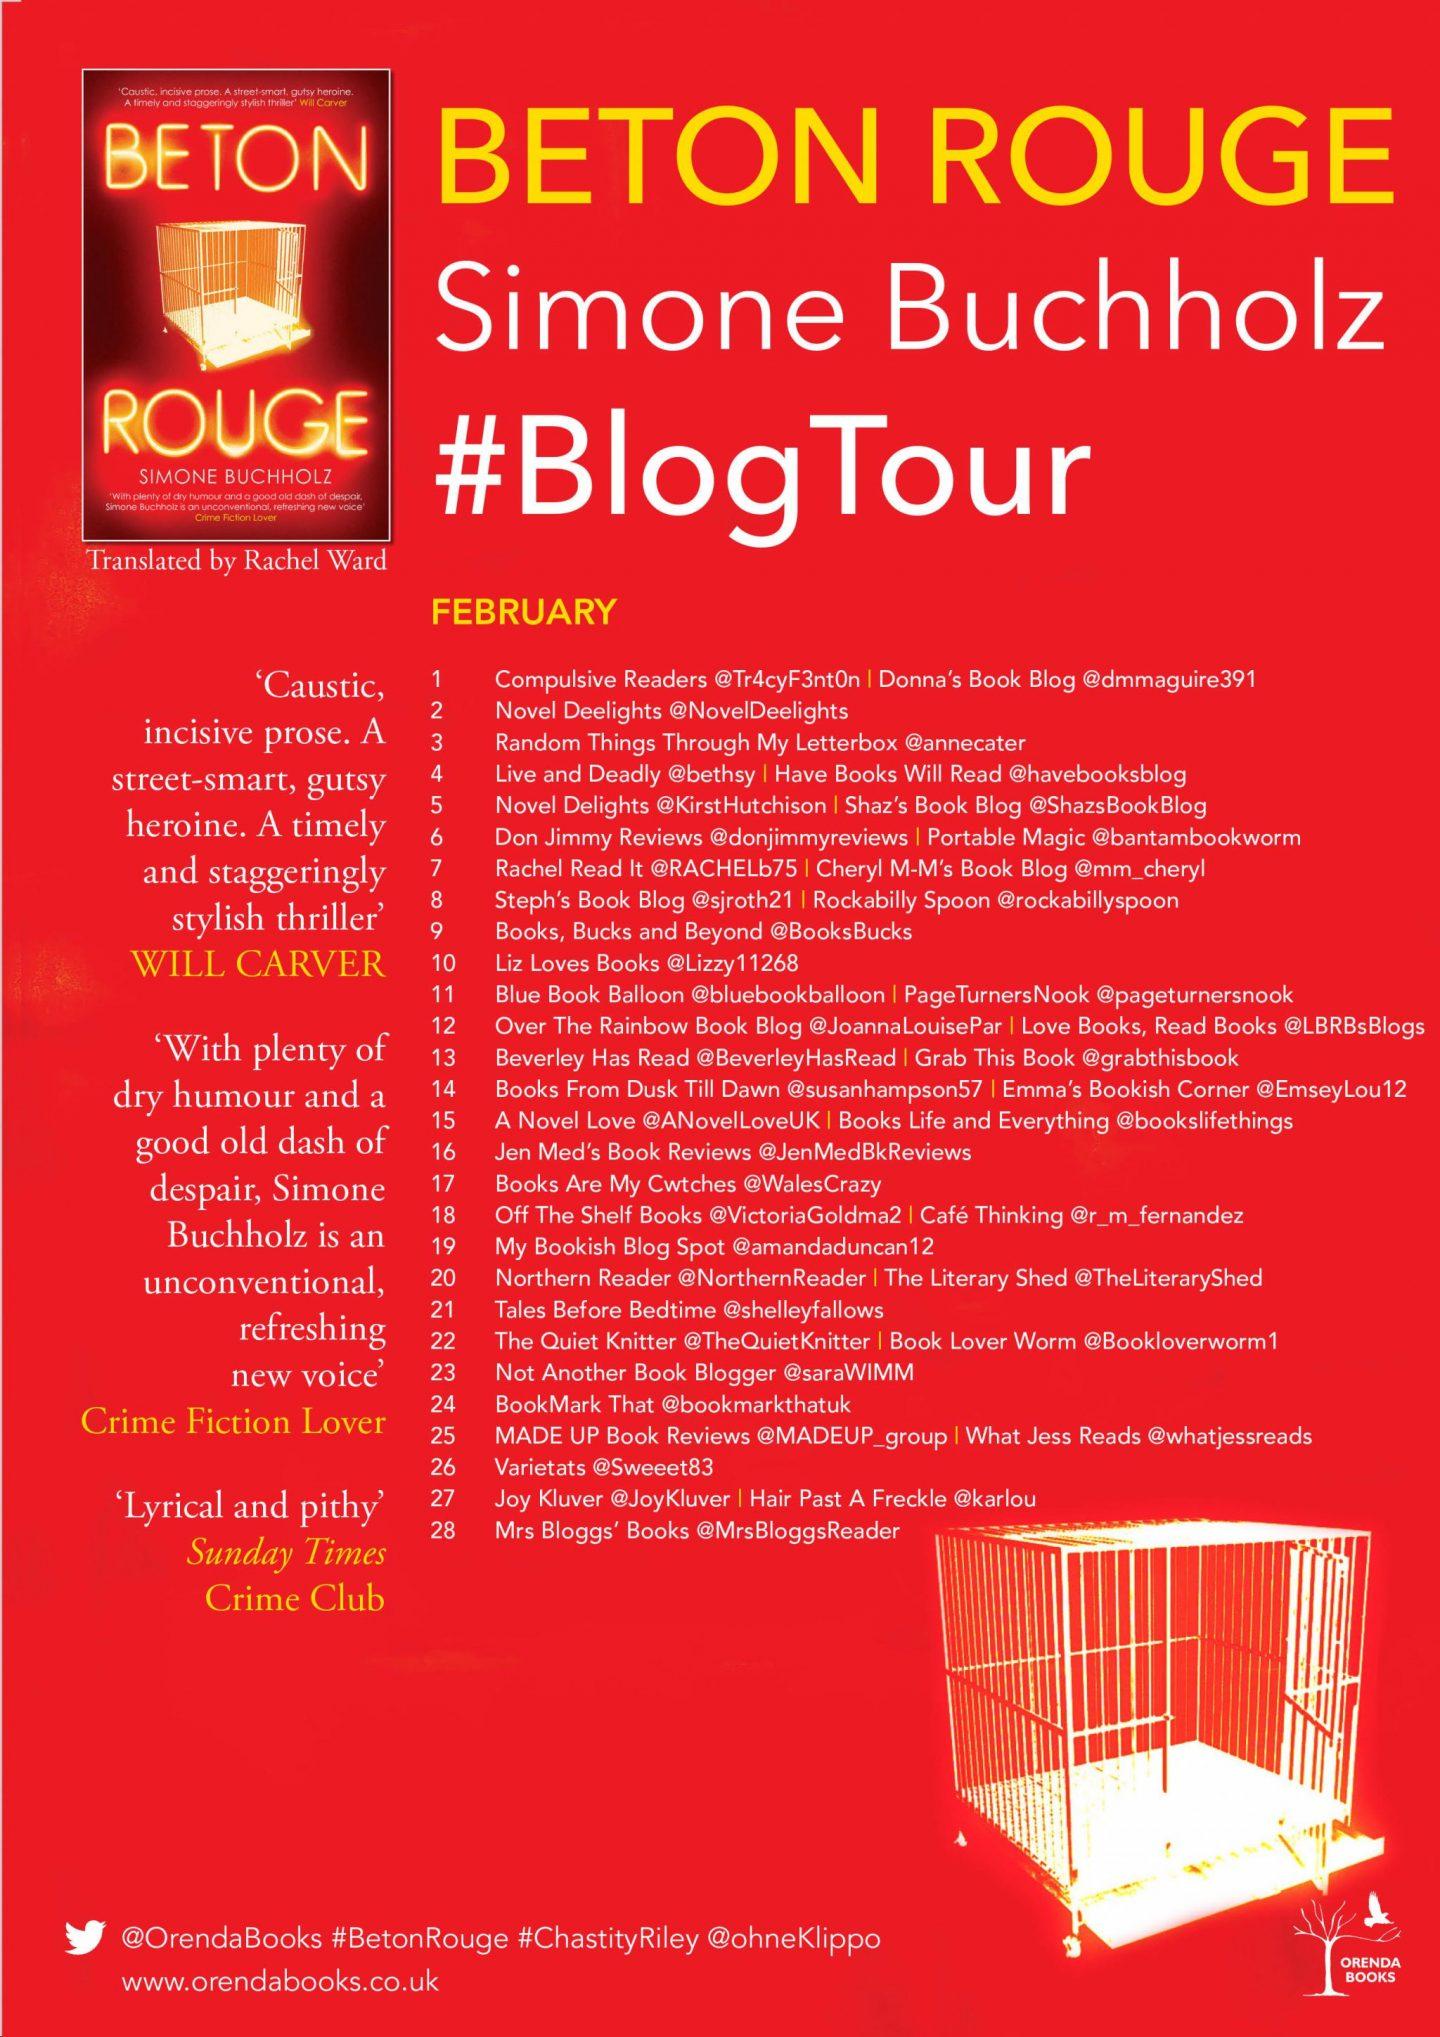 Beton-Rouge-blog-tour-poster